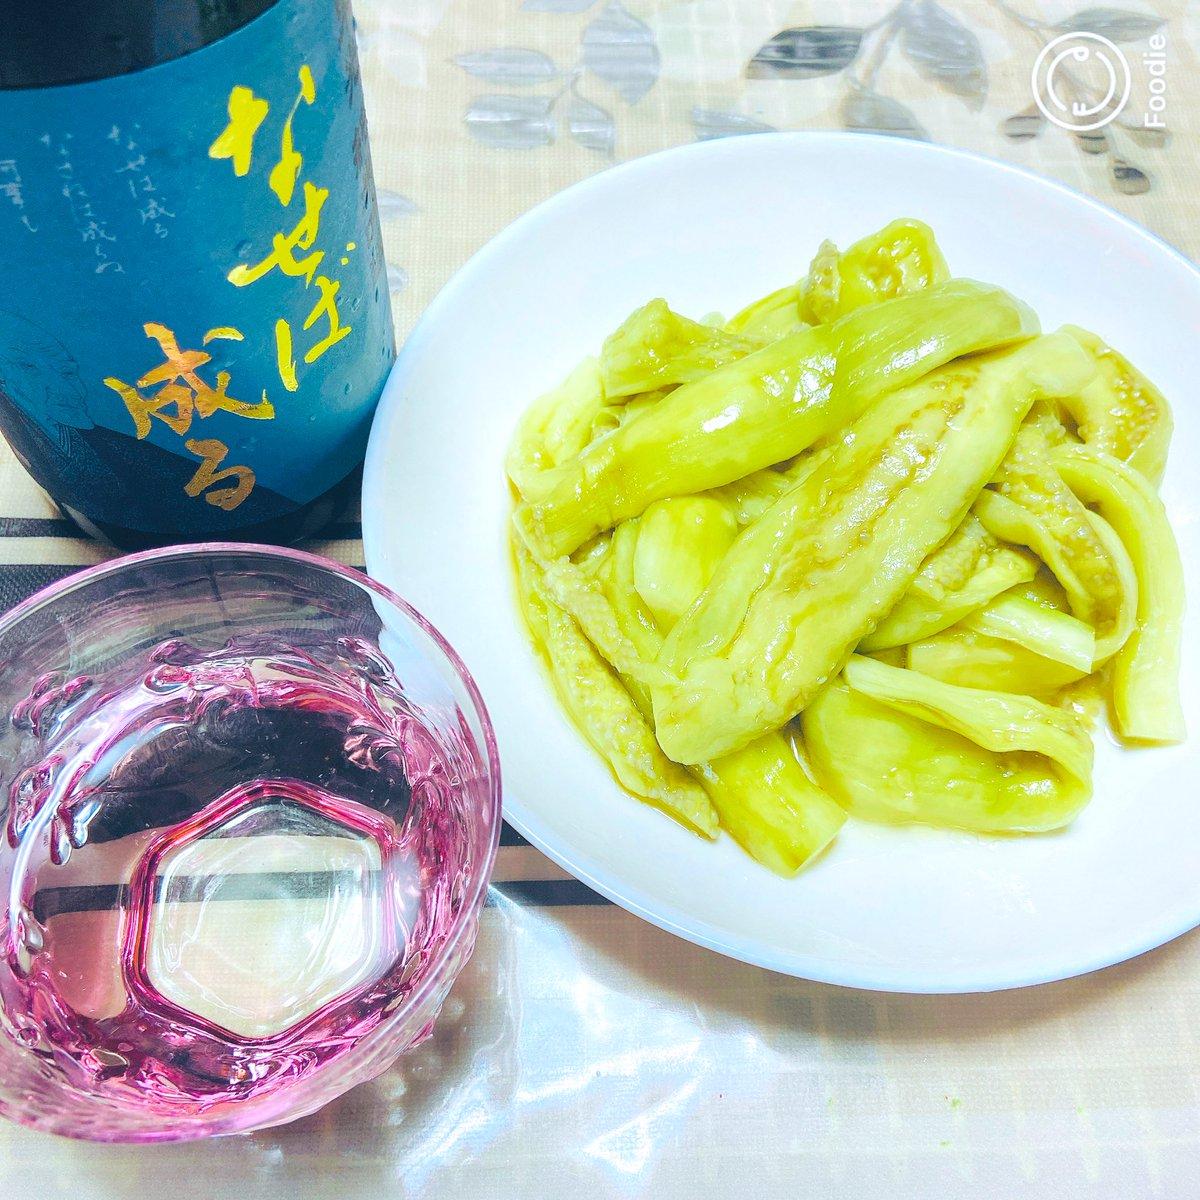 test ツイッターメディア - 今年は畑豊作だわ ナスもいい感じになったからナスのナムルと米沢の酒蔵・東光のお酒 なせば成るで🍶 甘くふくよかな日本酒とごま塩味をまとった甘くてとろりとしたナスが合うんだなぁ、これが 冷蔵庫の野菜室開けたら大好きなワインも用意されてたしこれは呑むしか😆 https://t.co/R4ybEIEPjr